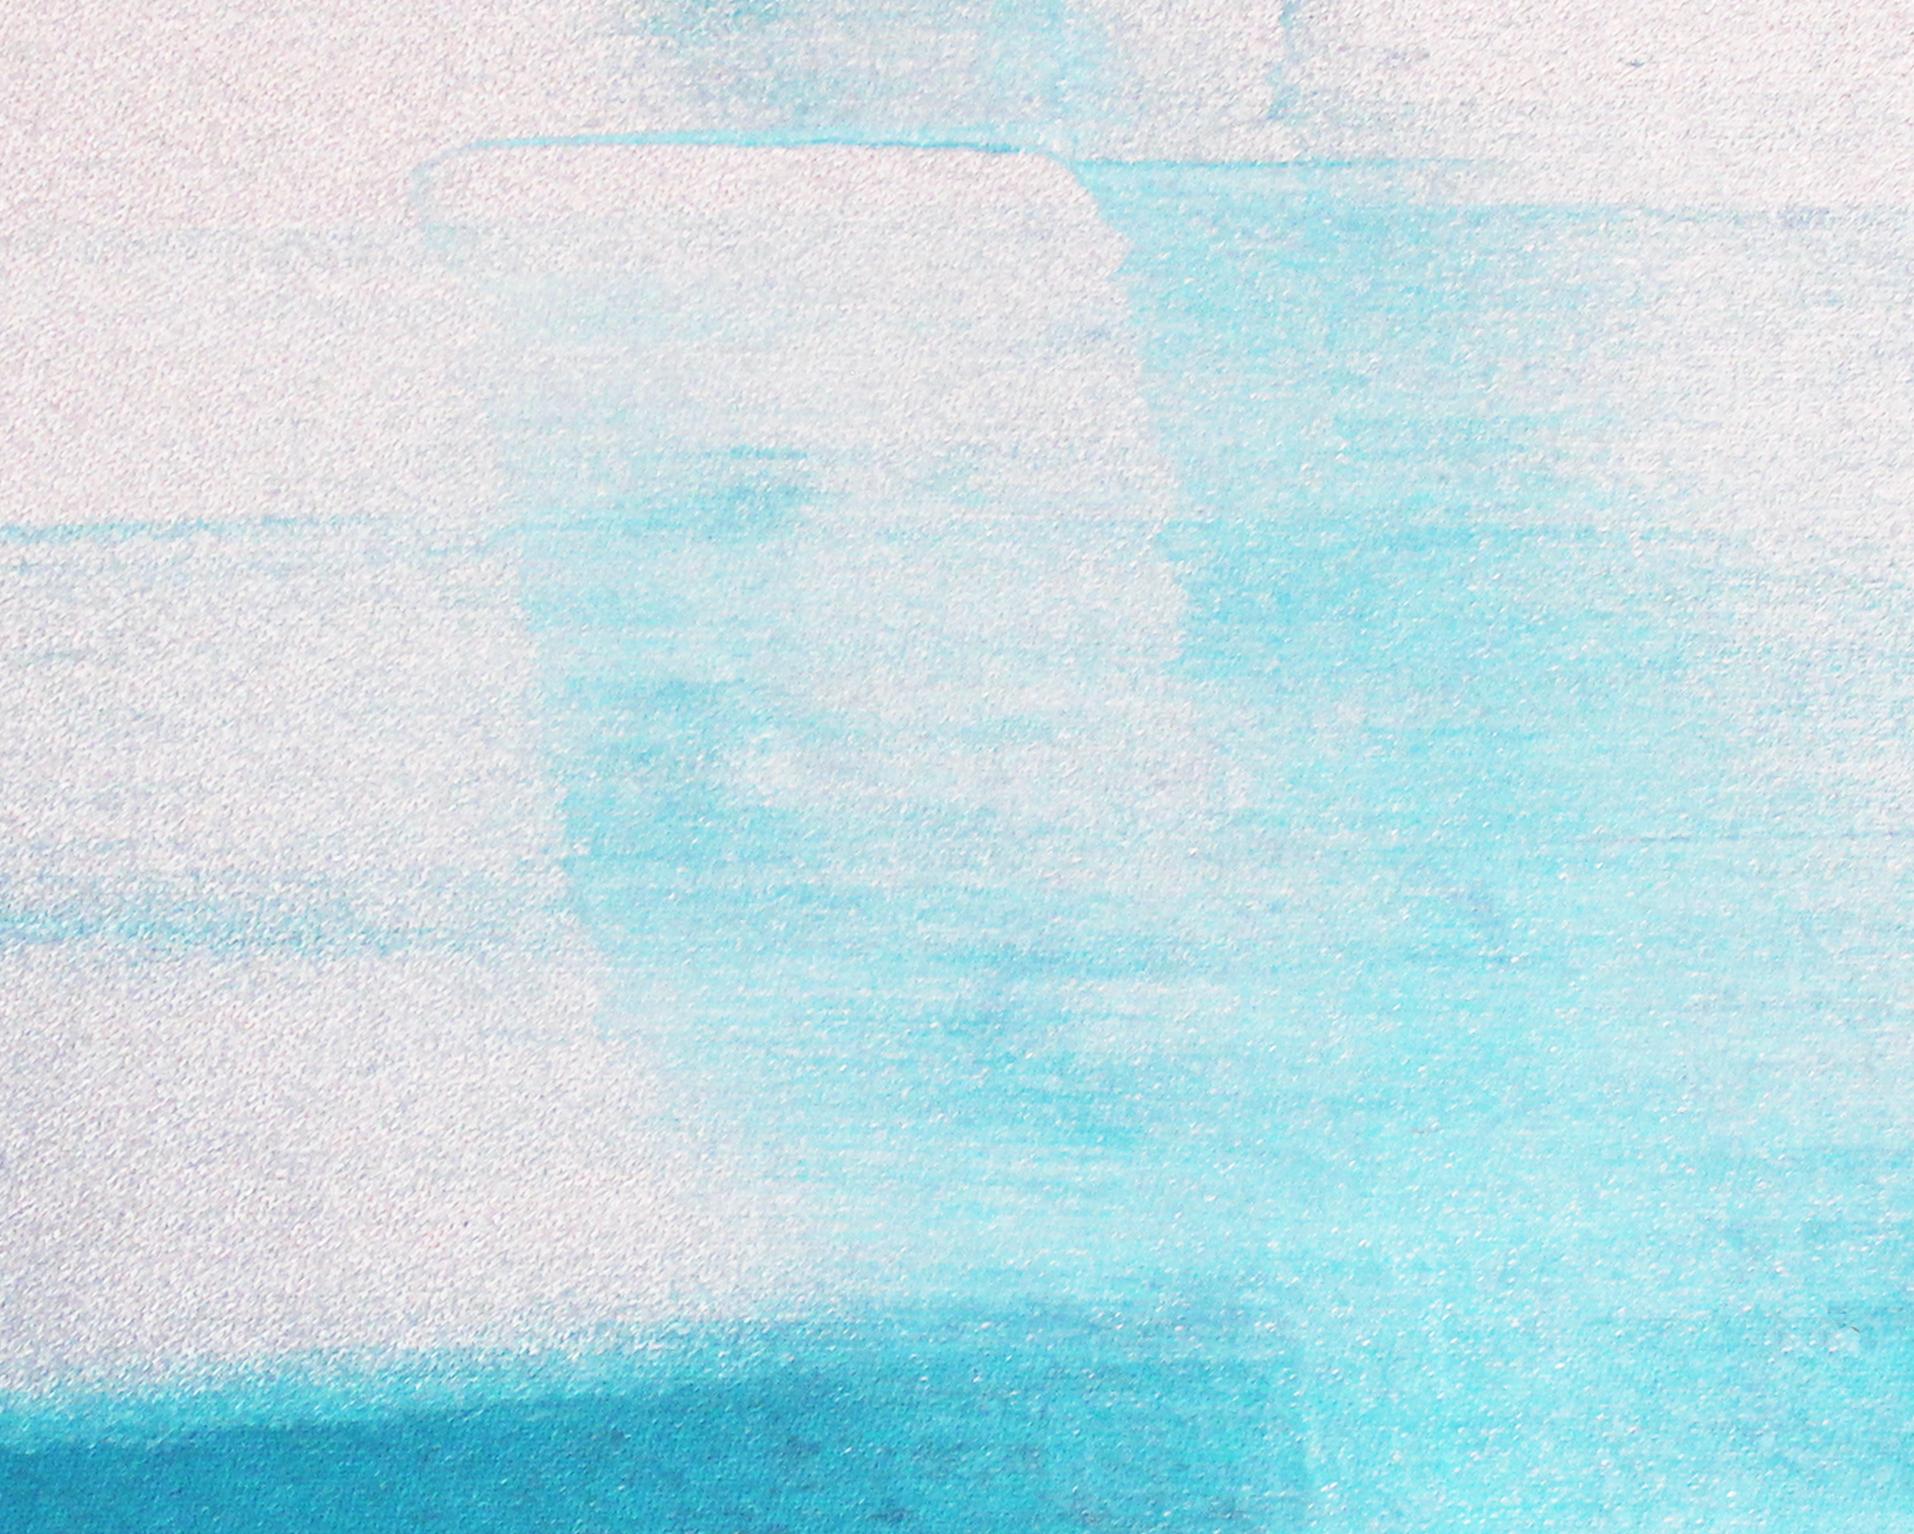 #7 Detail